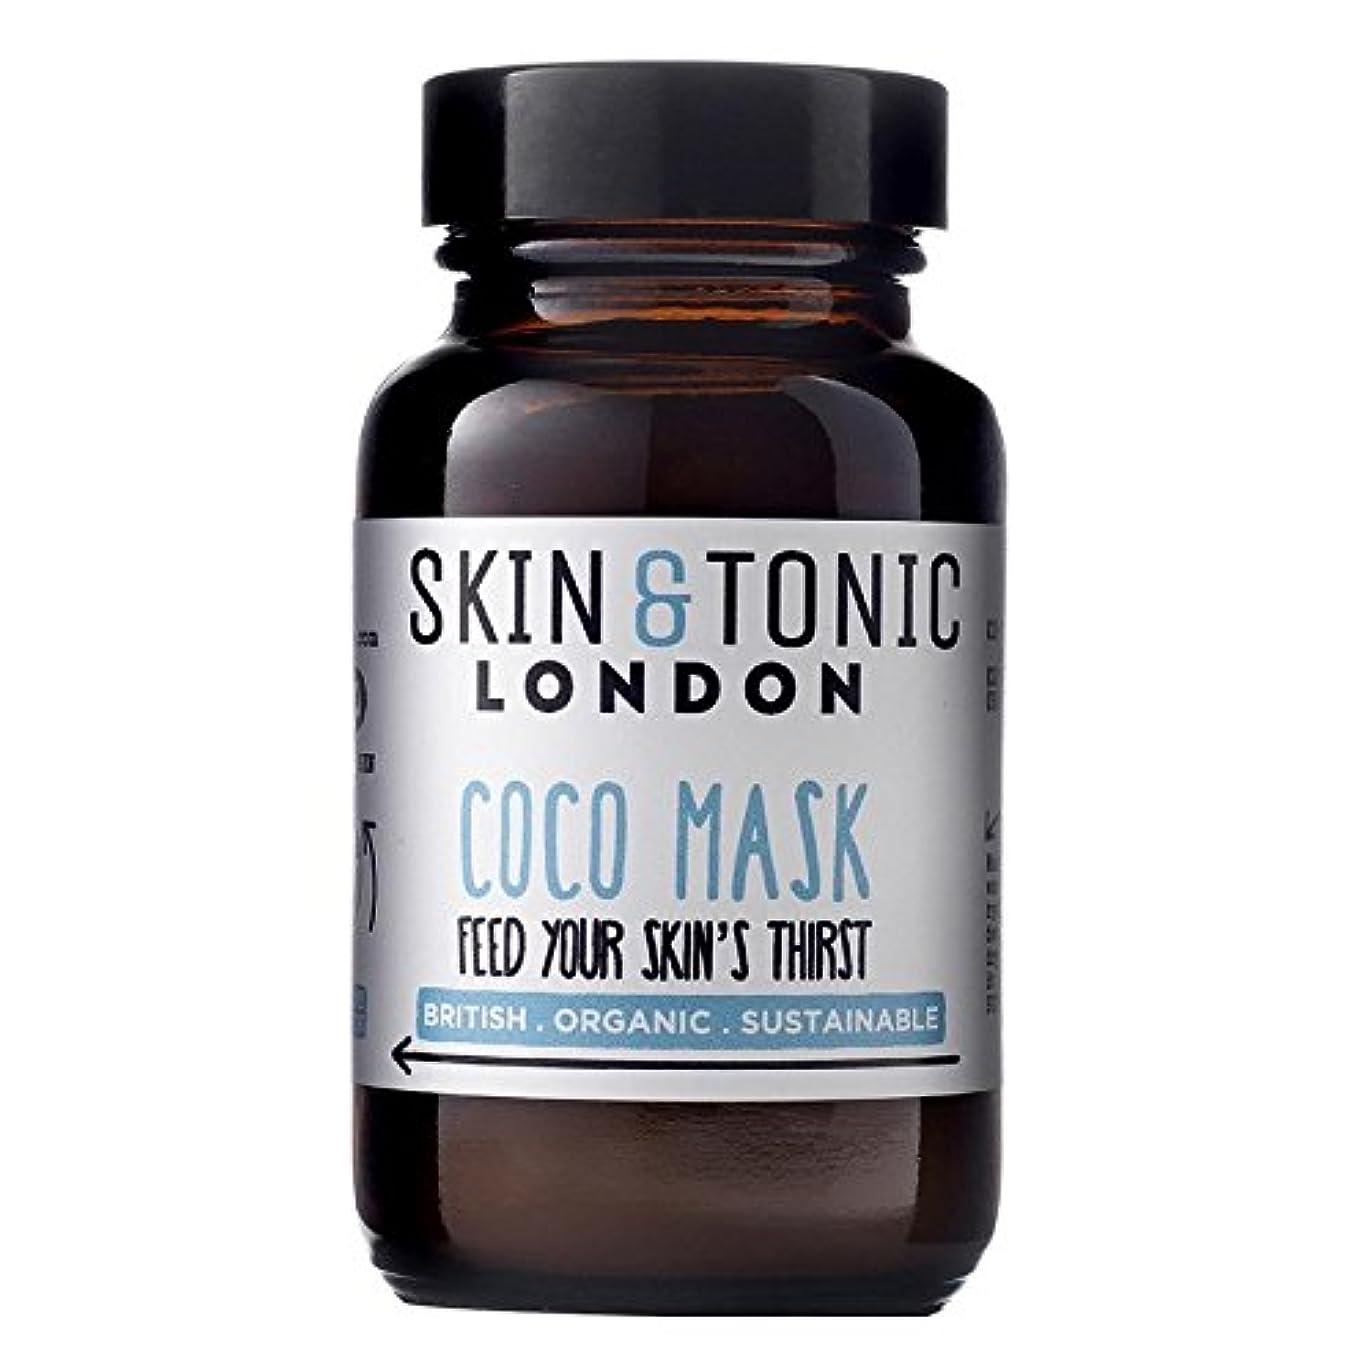 前述の倫理的低下スキン&トニックロンドンココマスク50グラム x2 - Skin & Tonic London Coco Mask 50g (Pack of 2) [並行輸入品]